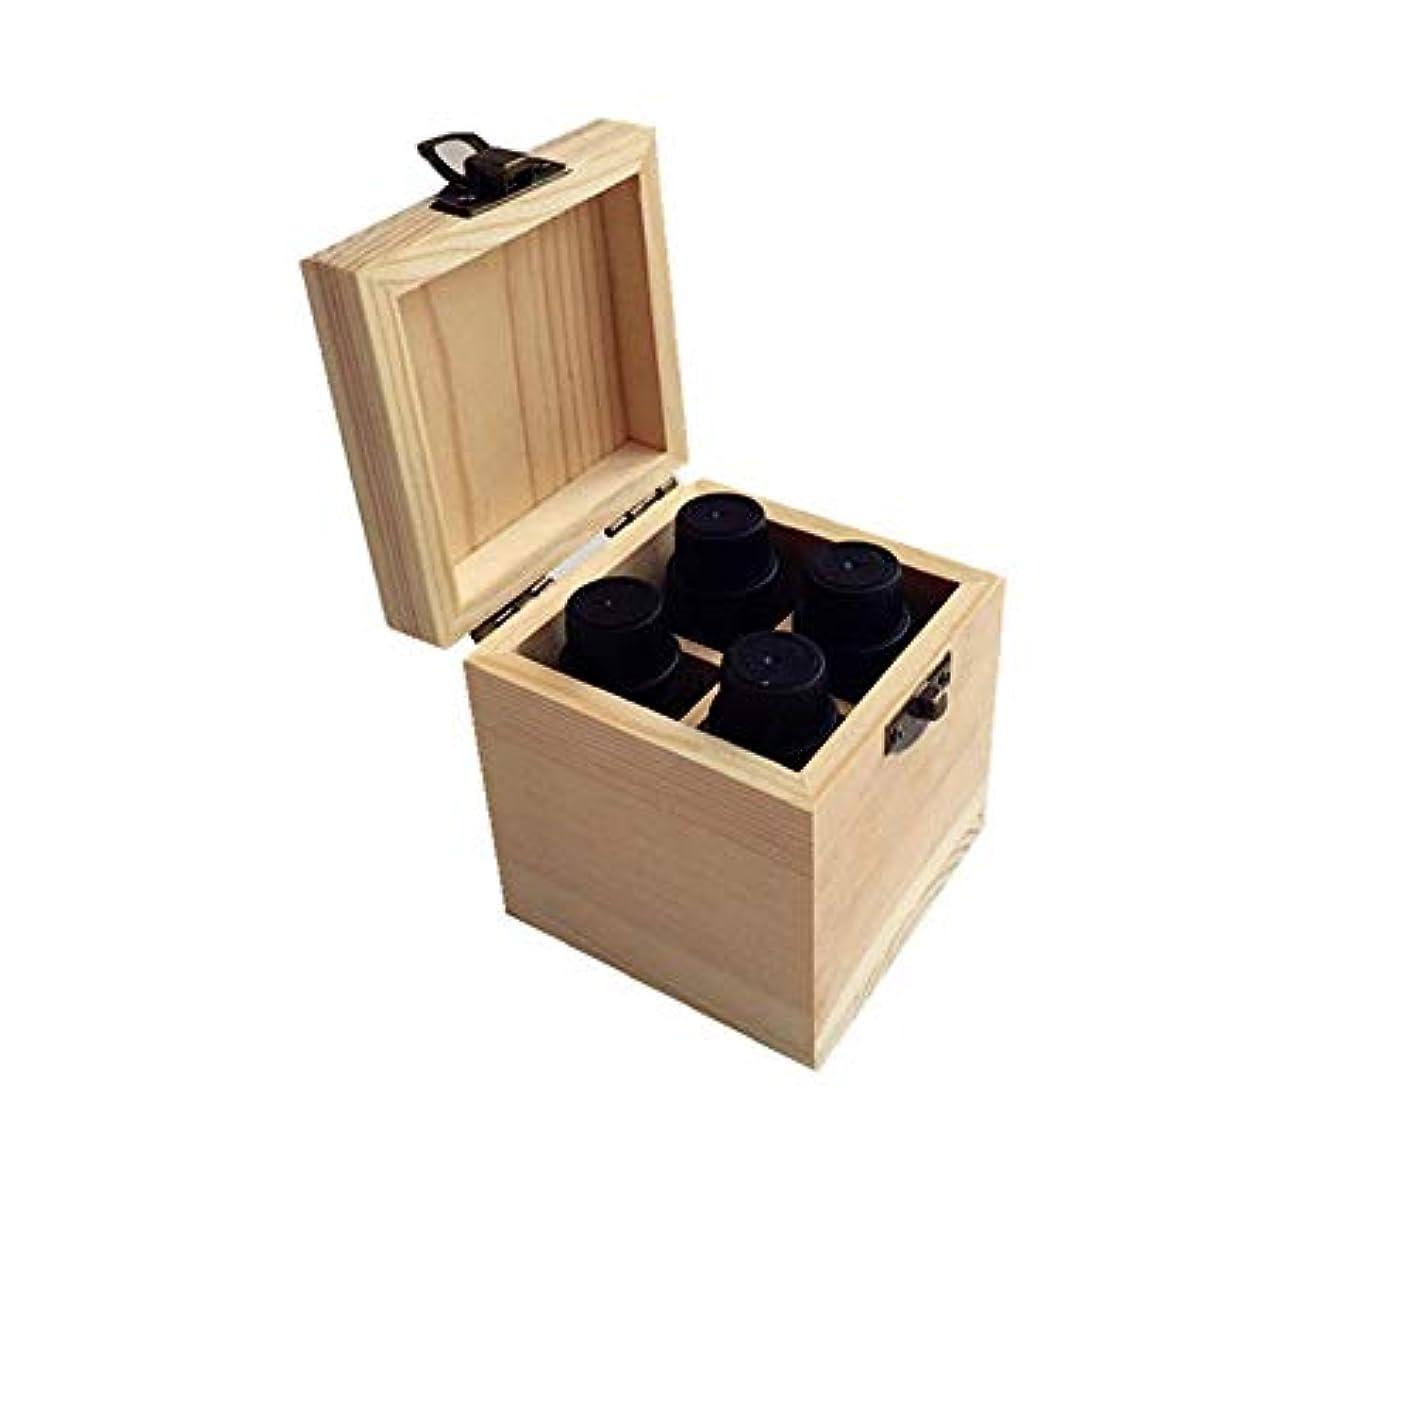 行進プログレッシブ論争の的エッセンシャルオイルストレージボックス 4スロットの品質の木製エッセンシャルオイルストレージボックス 旅行およびプレゼンテーション用 (色 : Natural, サイズ : 8X8X9CM)